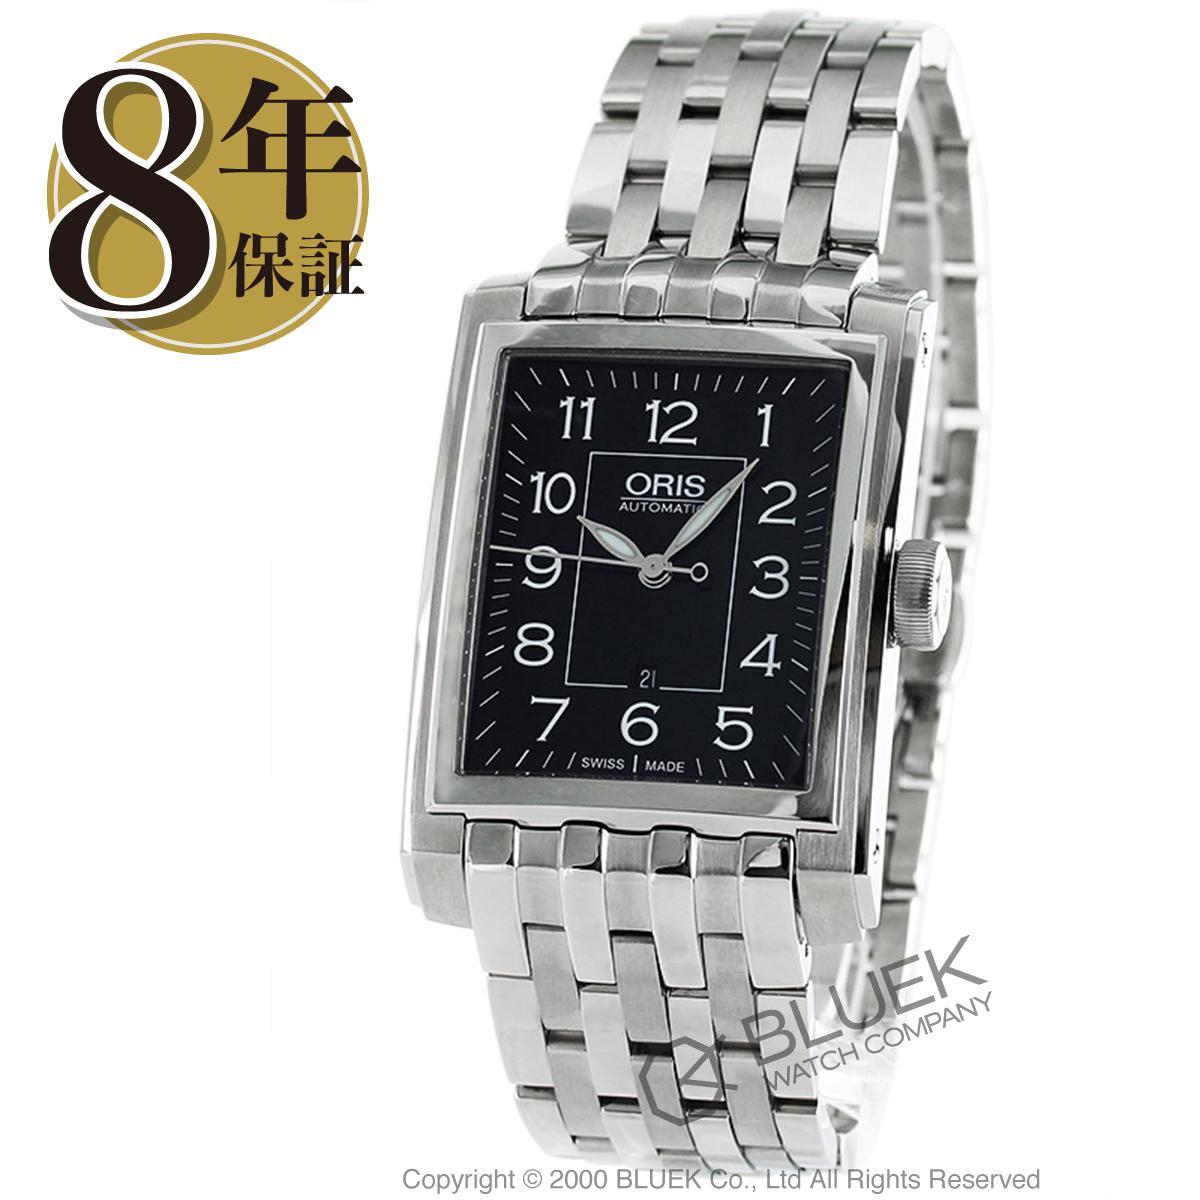 【1,000円OFFクーポン対象】オリス レクタンギュラー デイト 腕時計 メンズ ORIS 561 7657 4034M_8